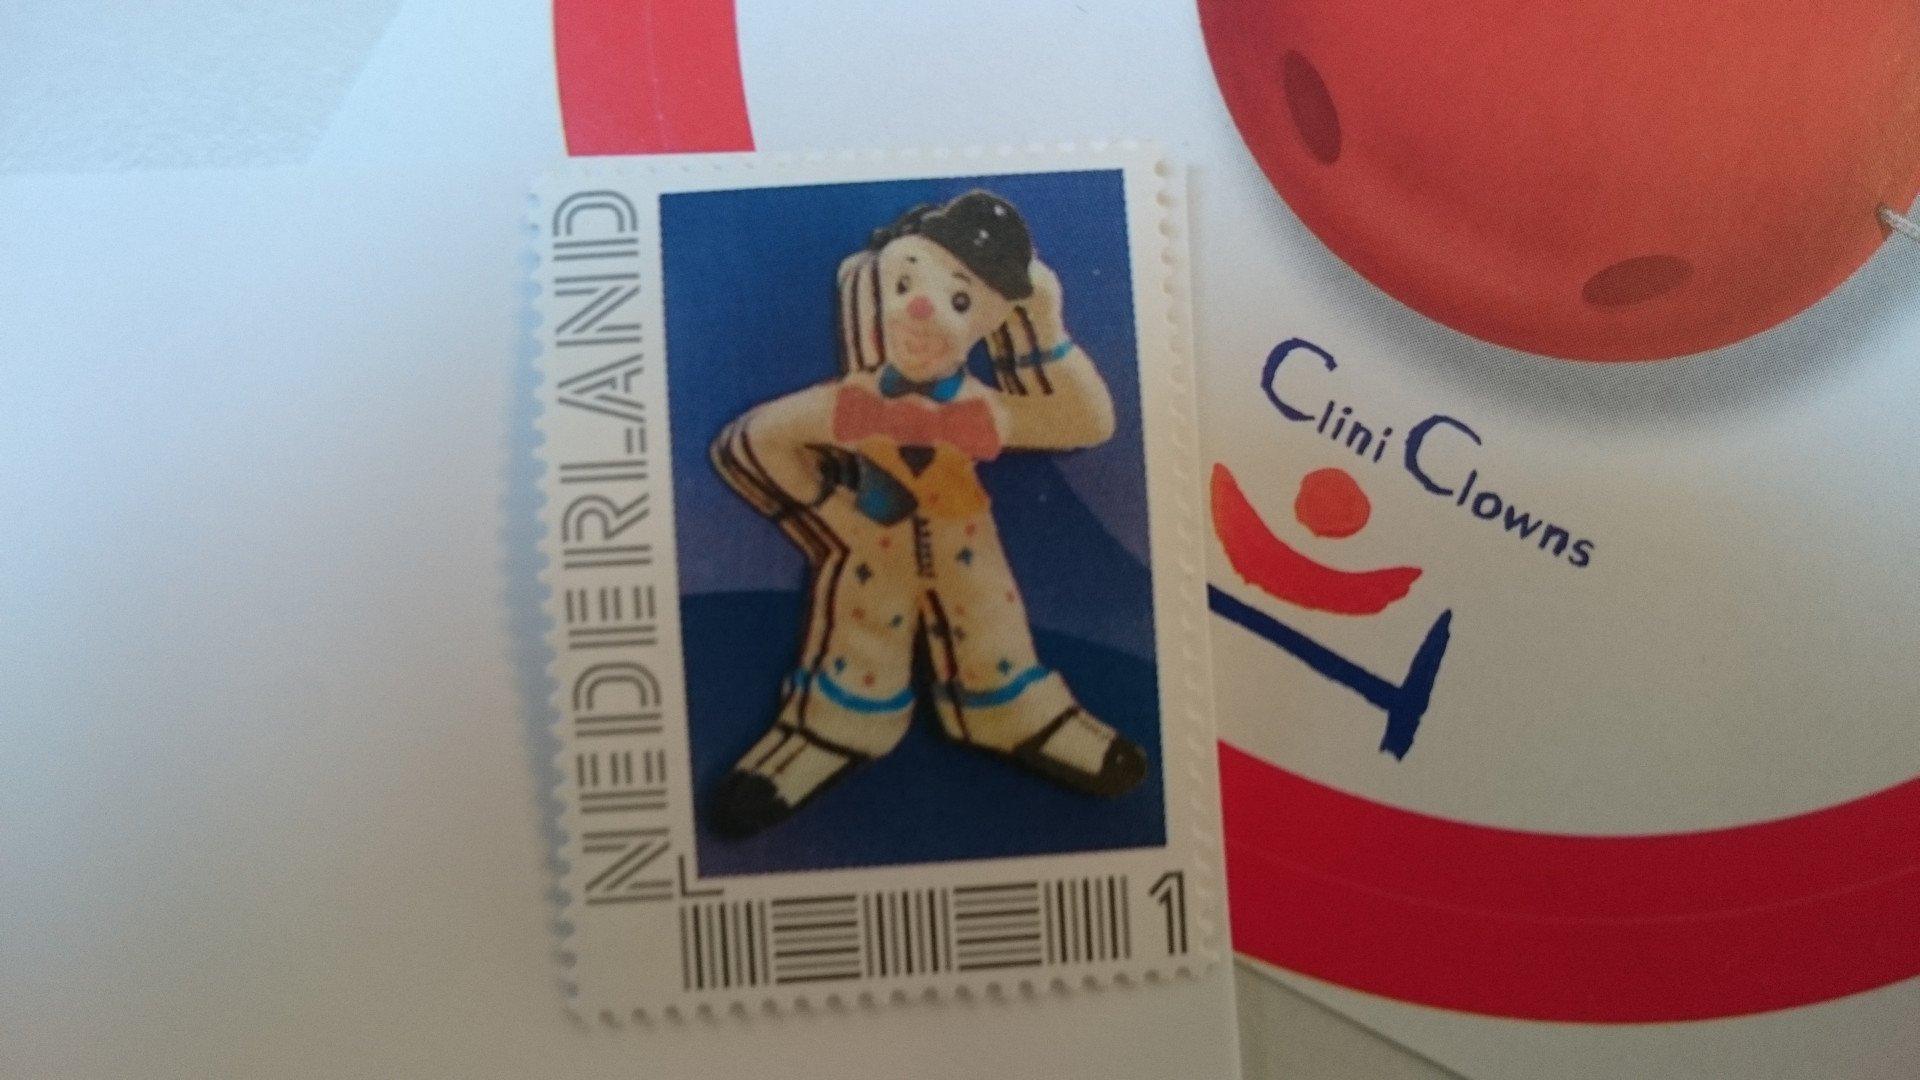 postzegel actie voor cliniclowns